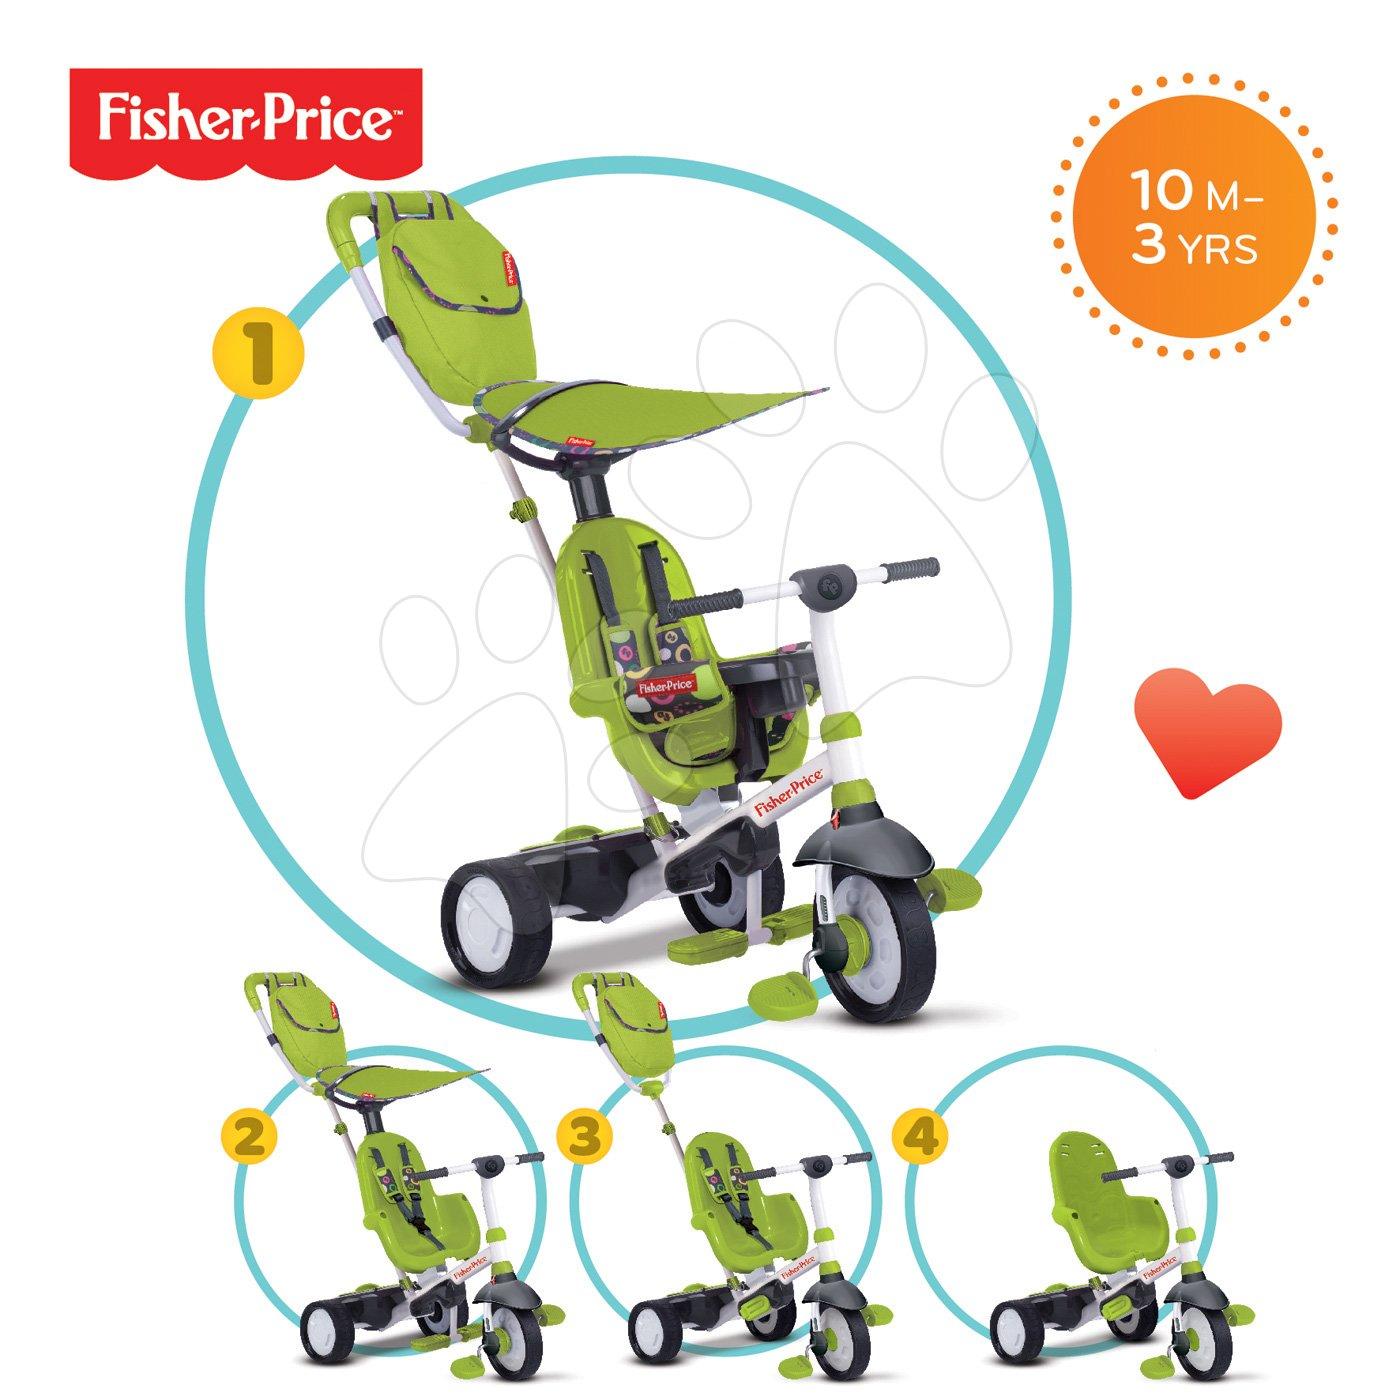 SMART TRIKE 3200033 tricikl Fisher-Price Charisma TouchSteering zeleni s prevlakom i torbom +10 mjeseci 10 mjeseci zeleni